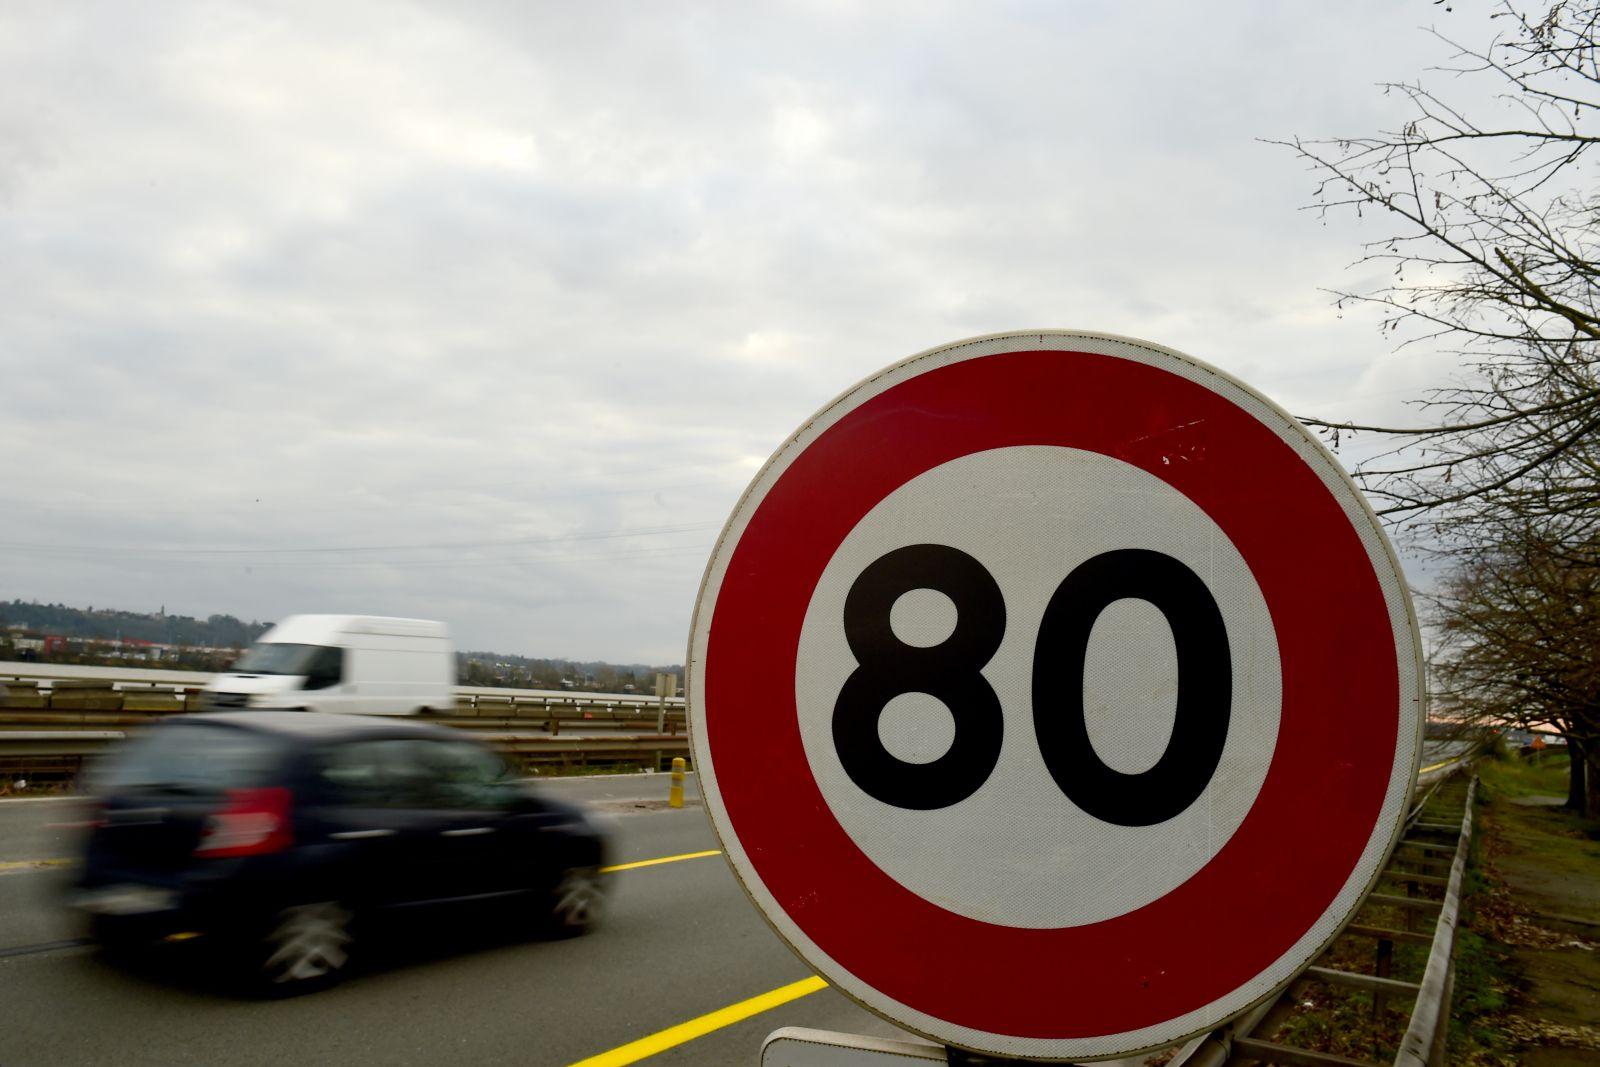 Francúzi už zaviedli 80 km h mimo obce! Maximálna povolená rýchlosť ... 6a7e95d3a7a